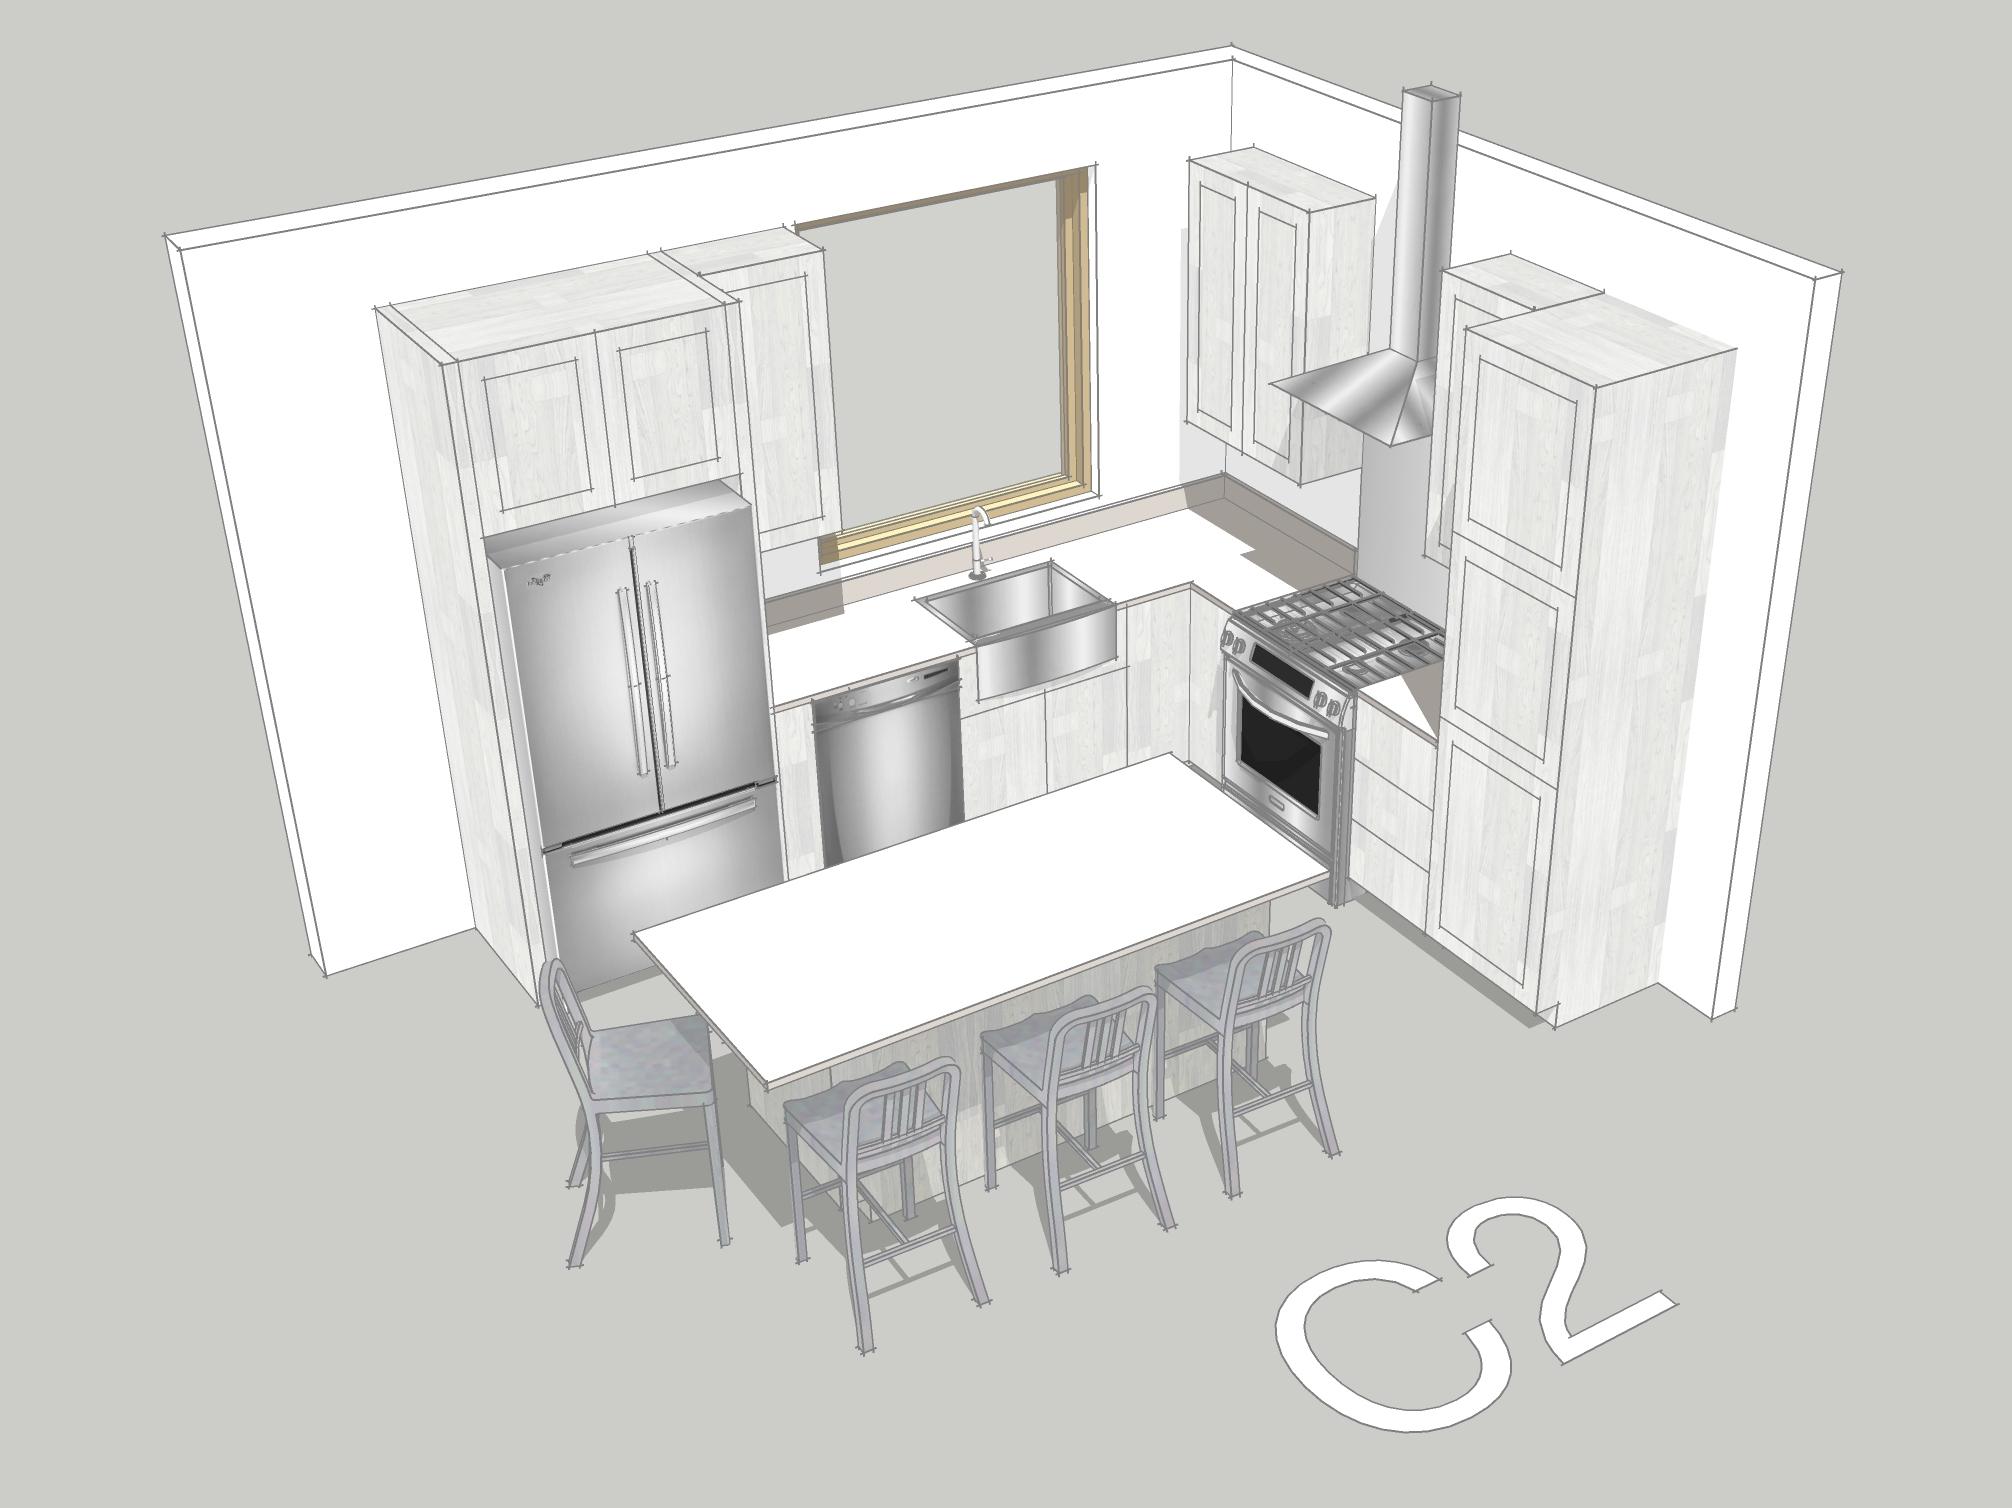 c2 kitchen.jpg